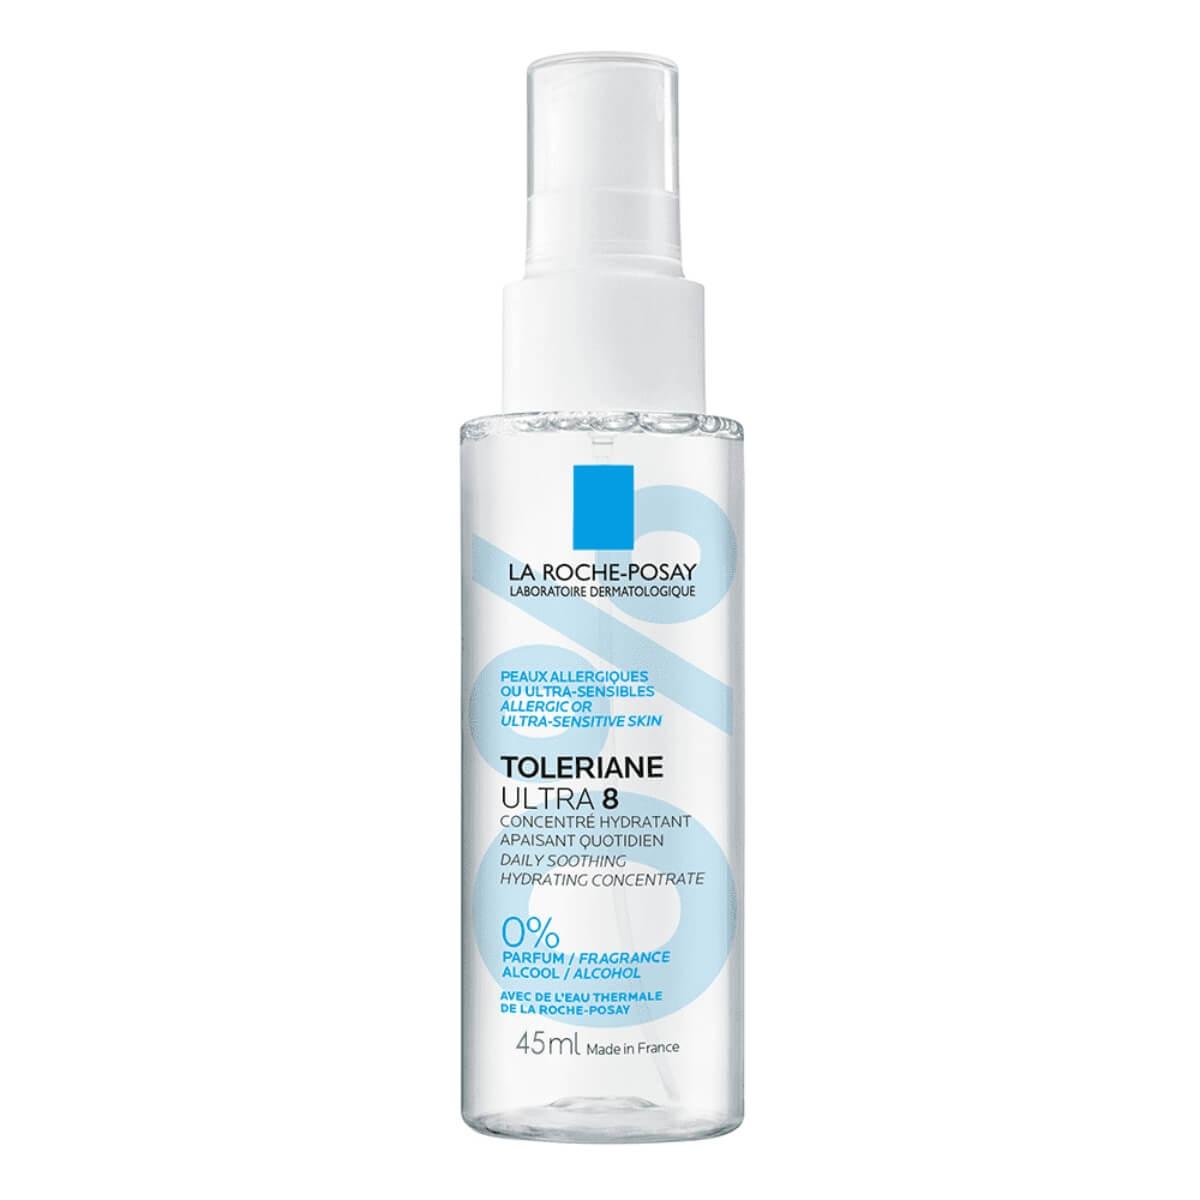 Hidratante Facial em Spray La Roche-Posay Toleriane Ultra 8 Peles Sensíveis com 45ml 45ml